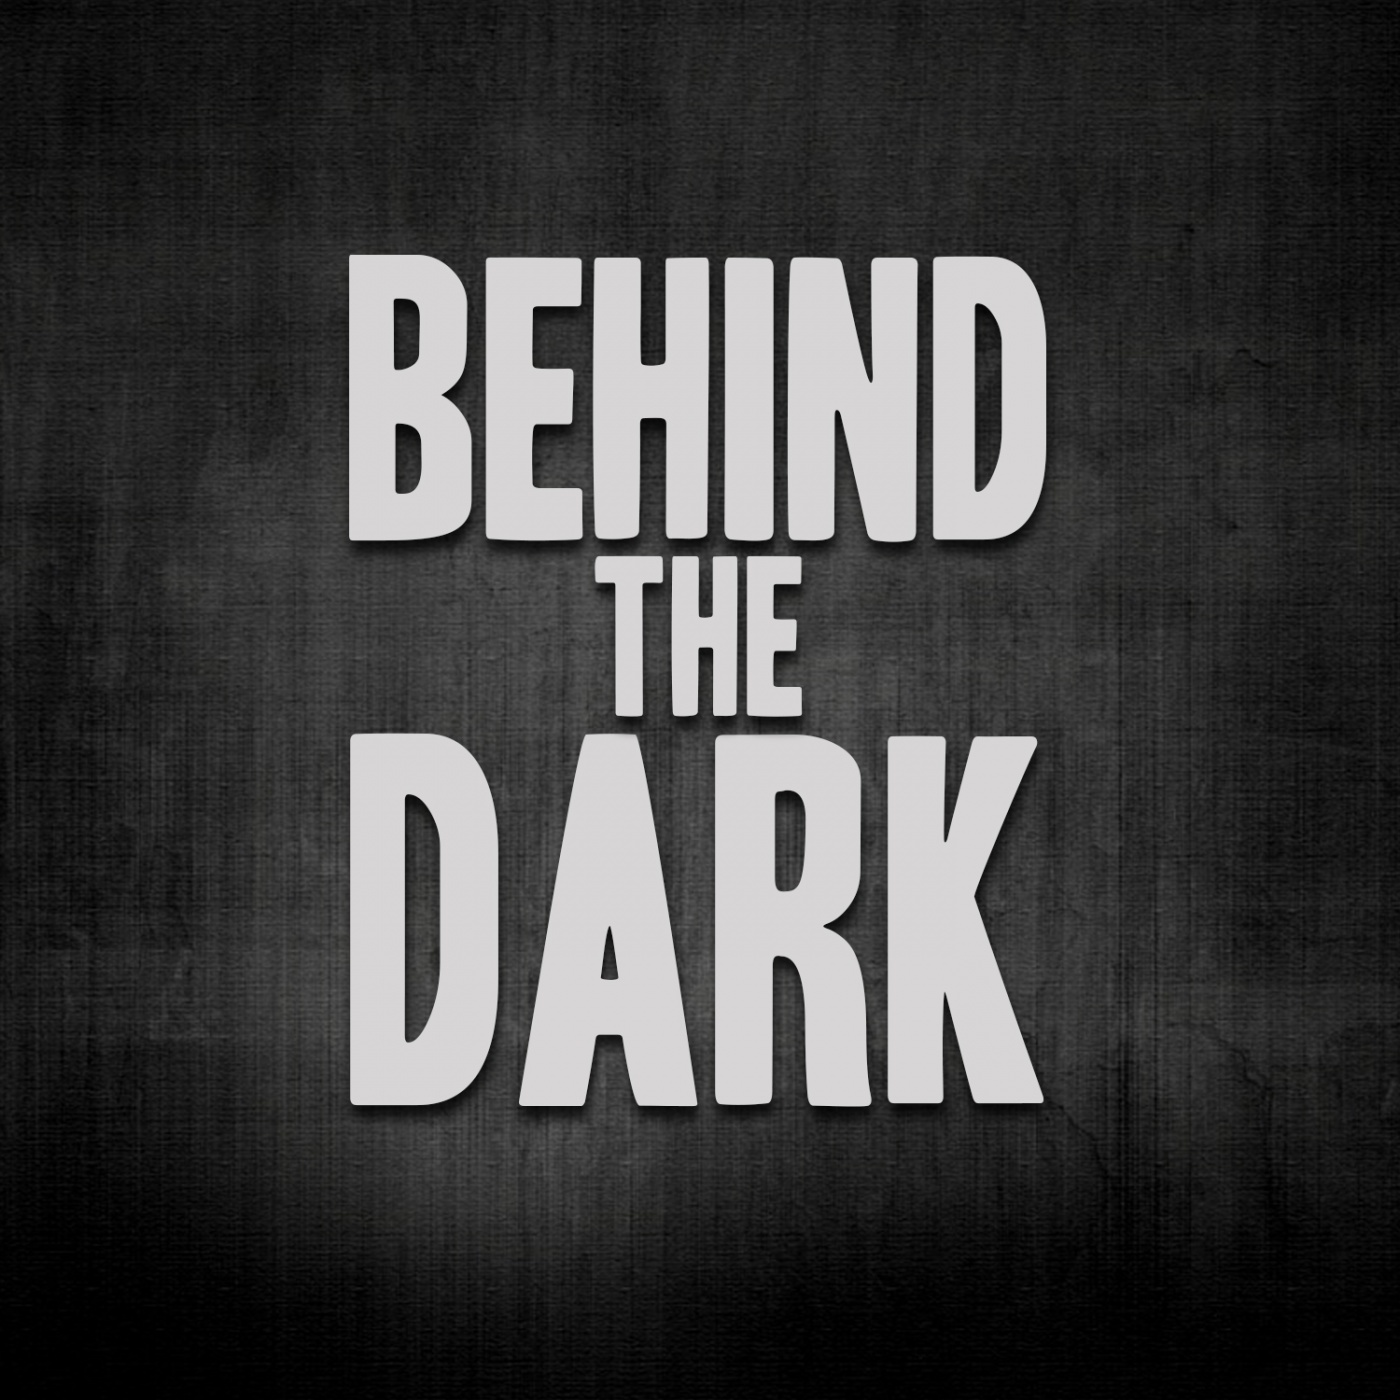 Behind the Dark